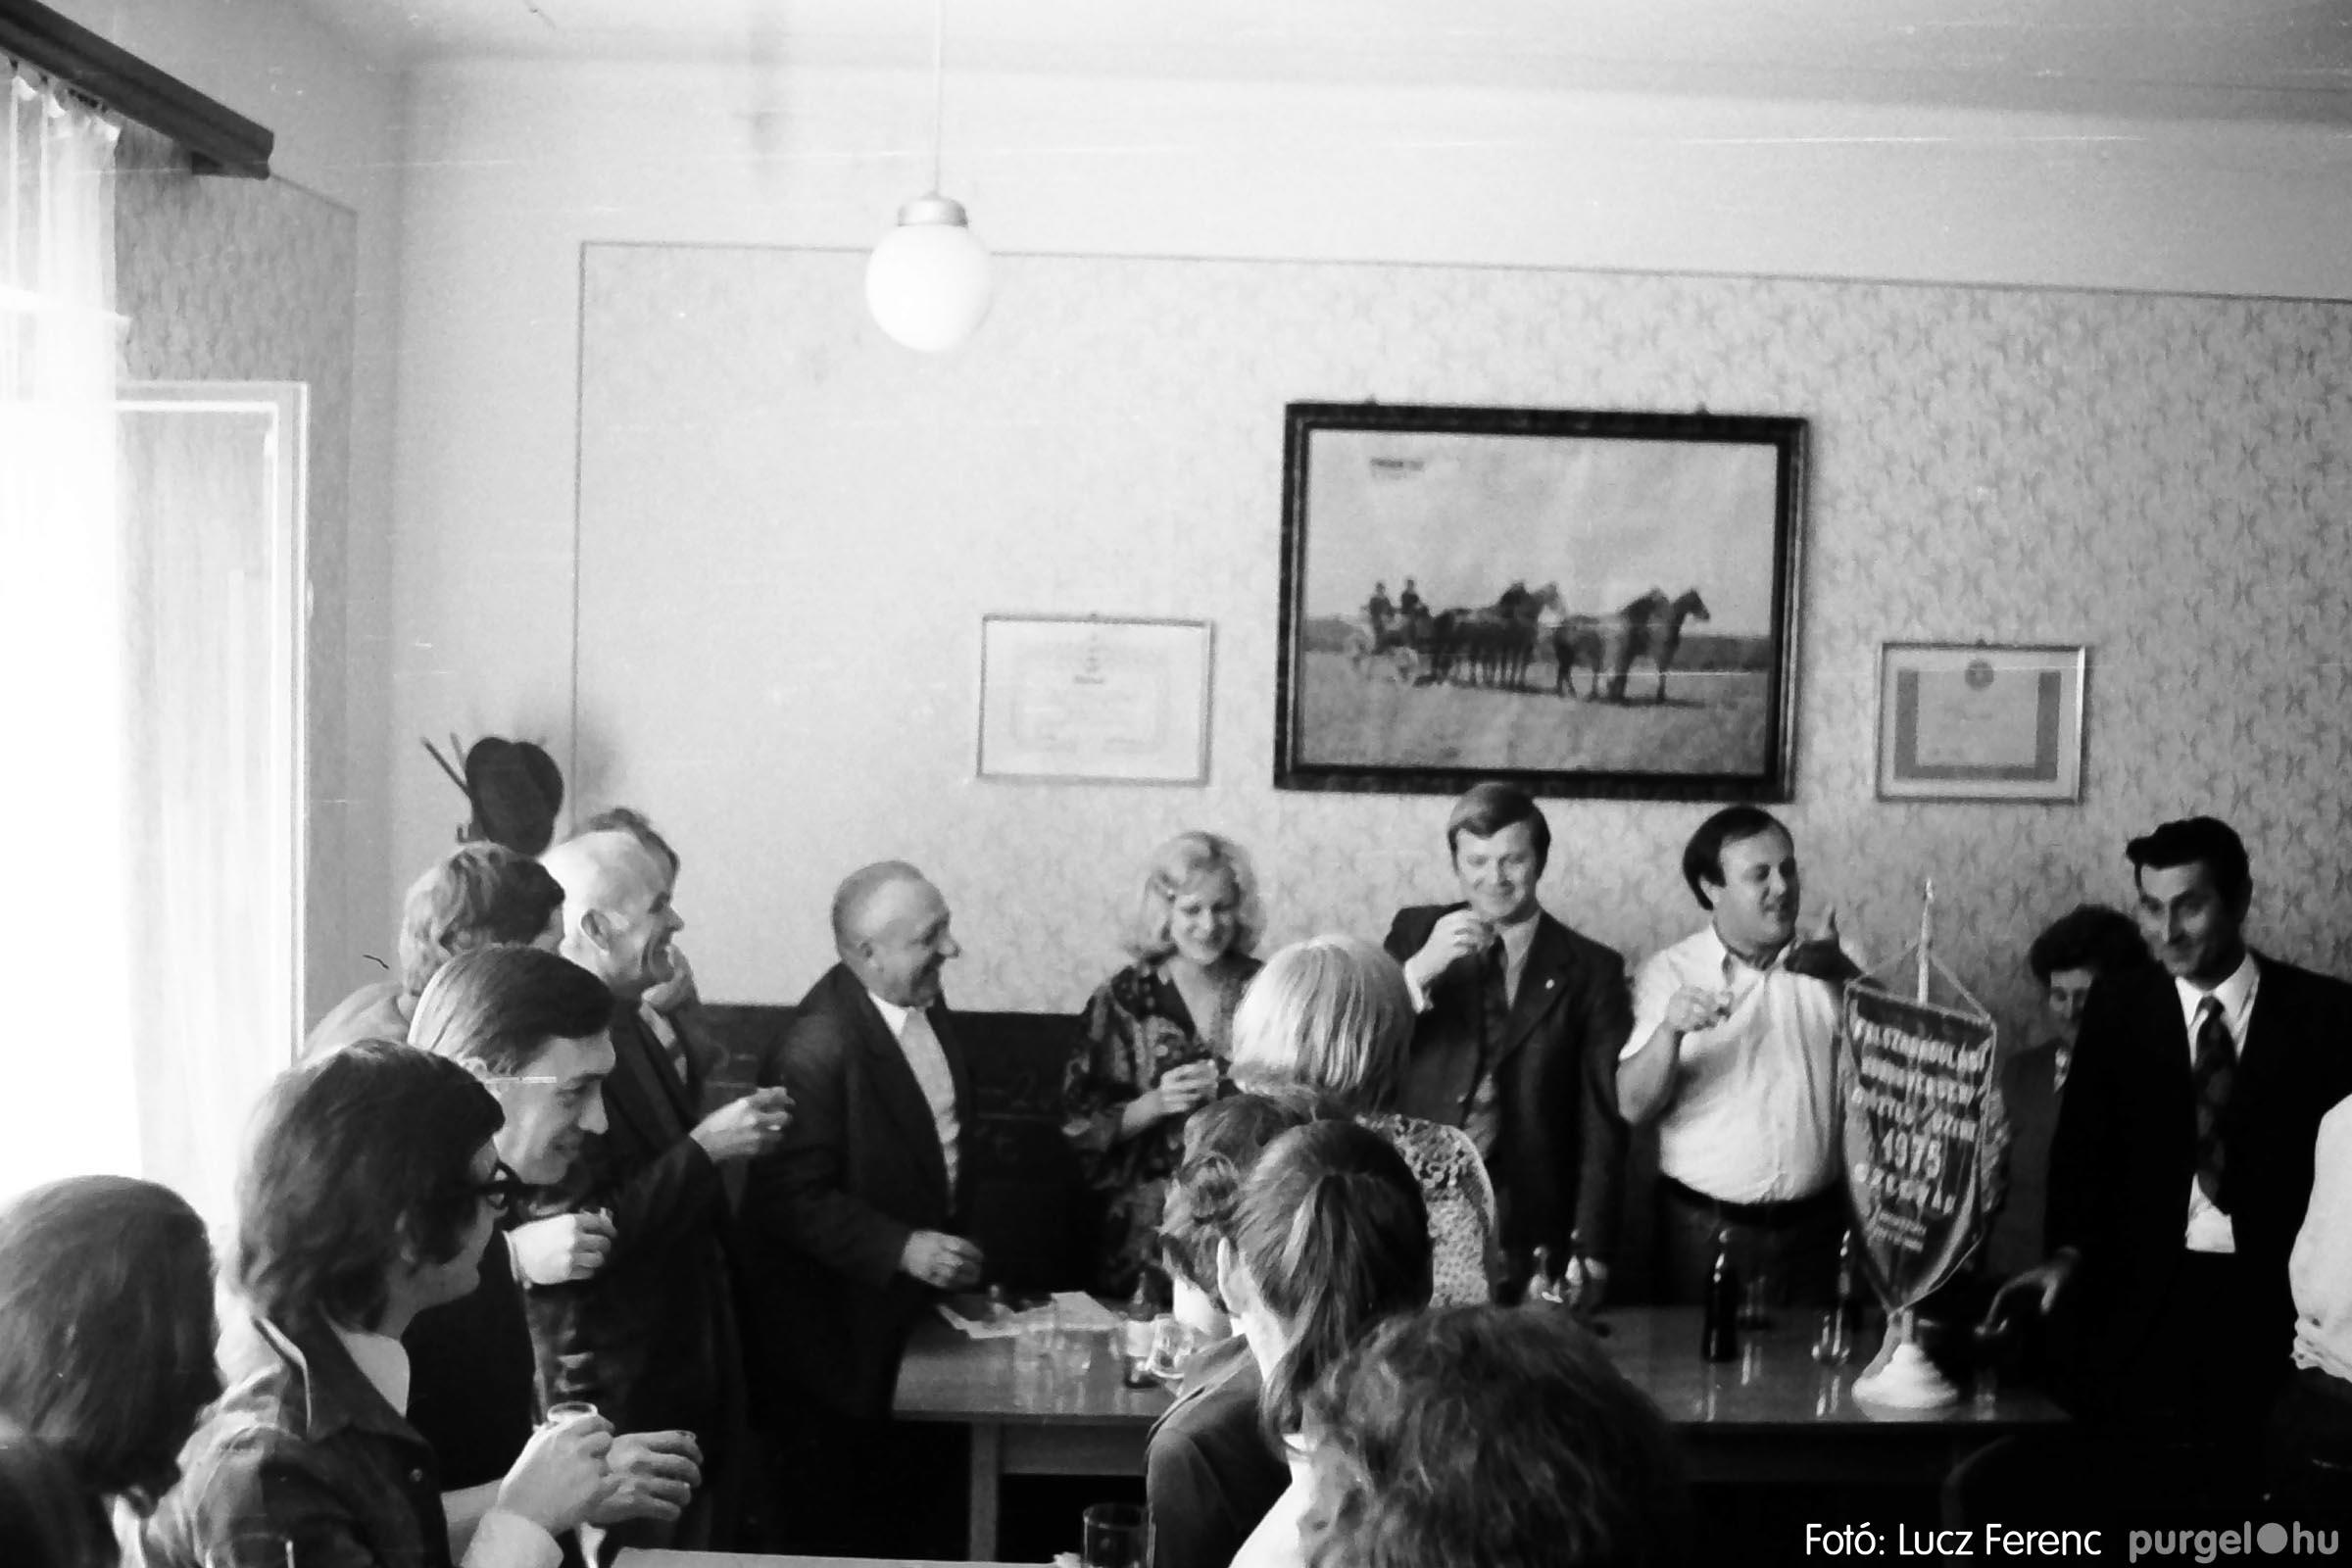 013 1975.04. A felszabadulási munkaverseny győztes üzeme 021 - Fotó: Lucz Ferenc IMG00128q.jpg